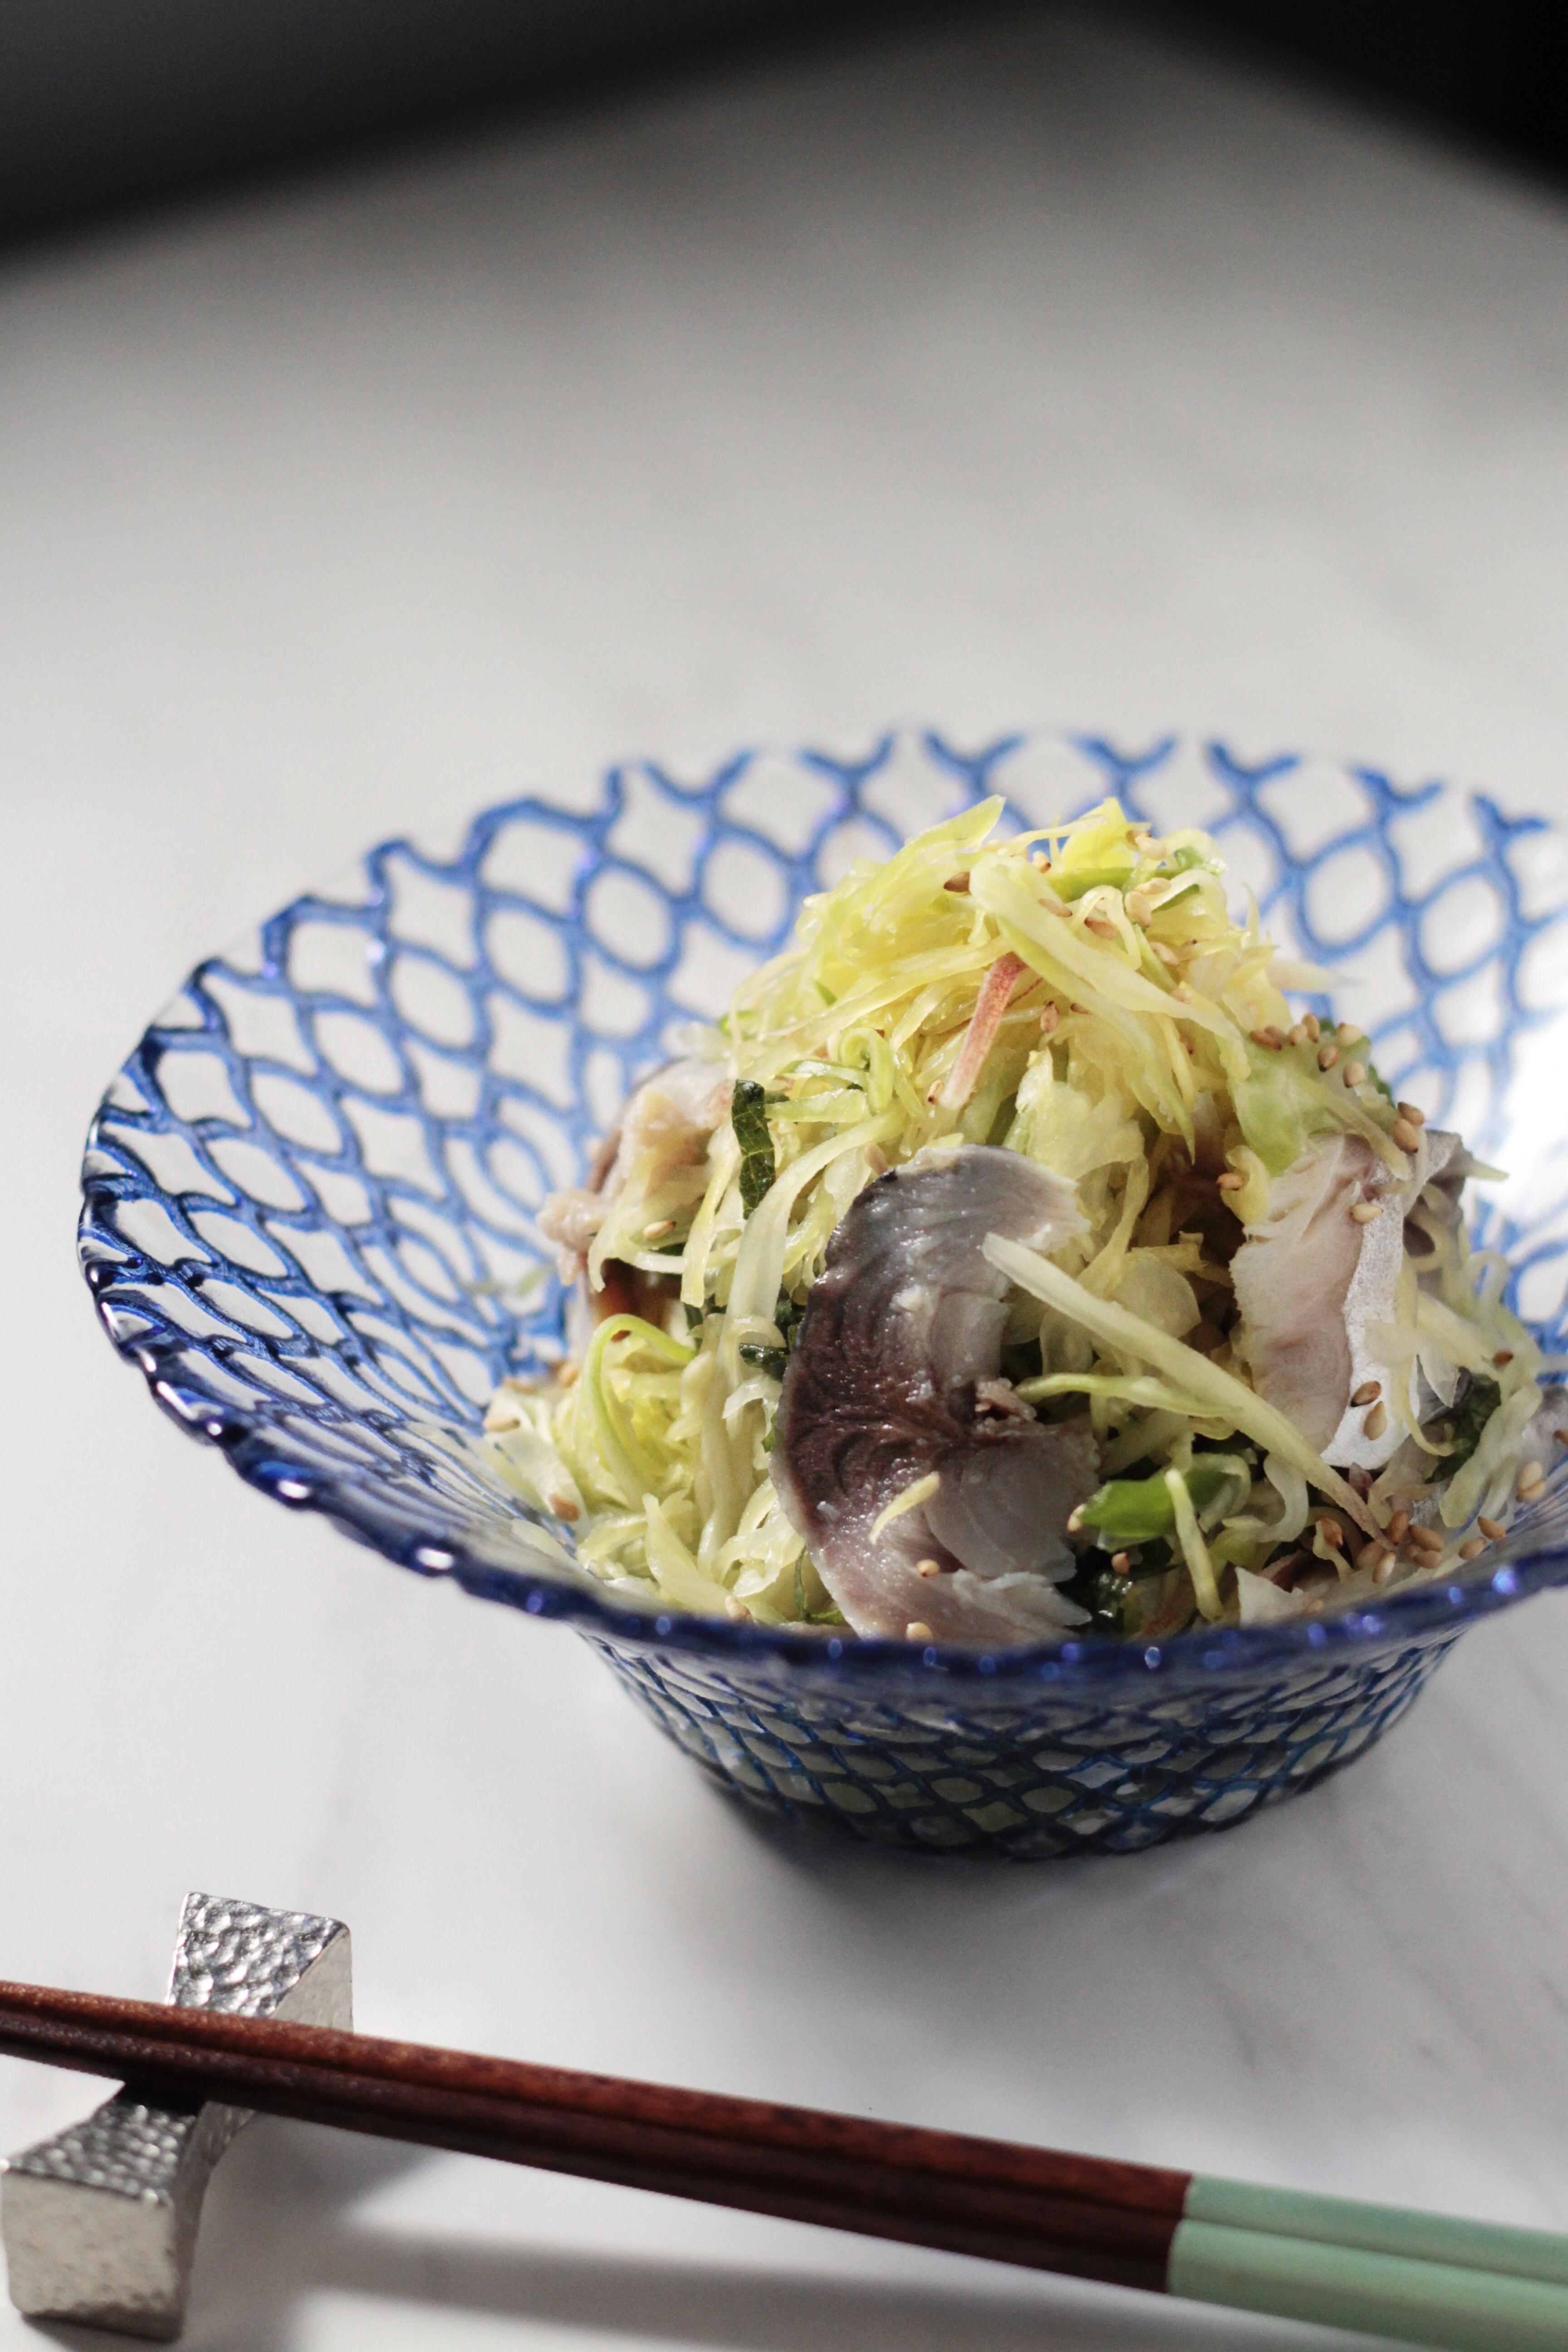 キャベツとしめ鯖の塩揉みサラダ